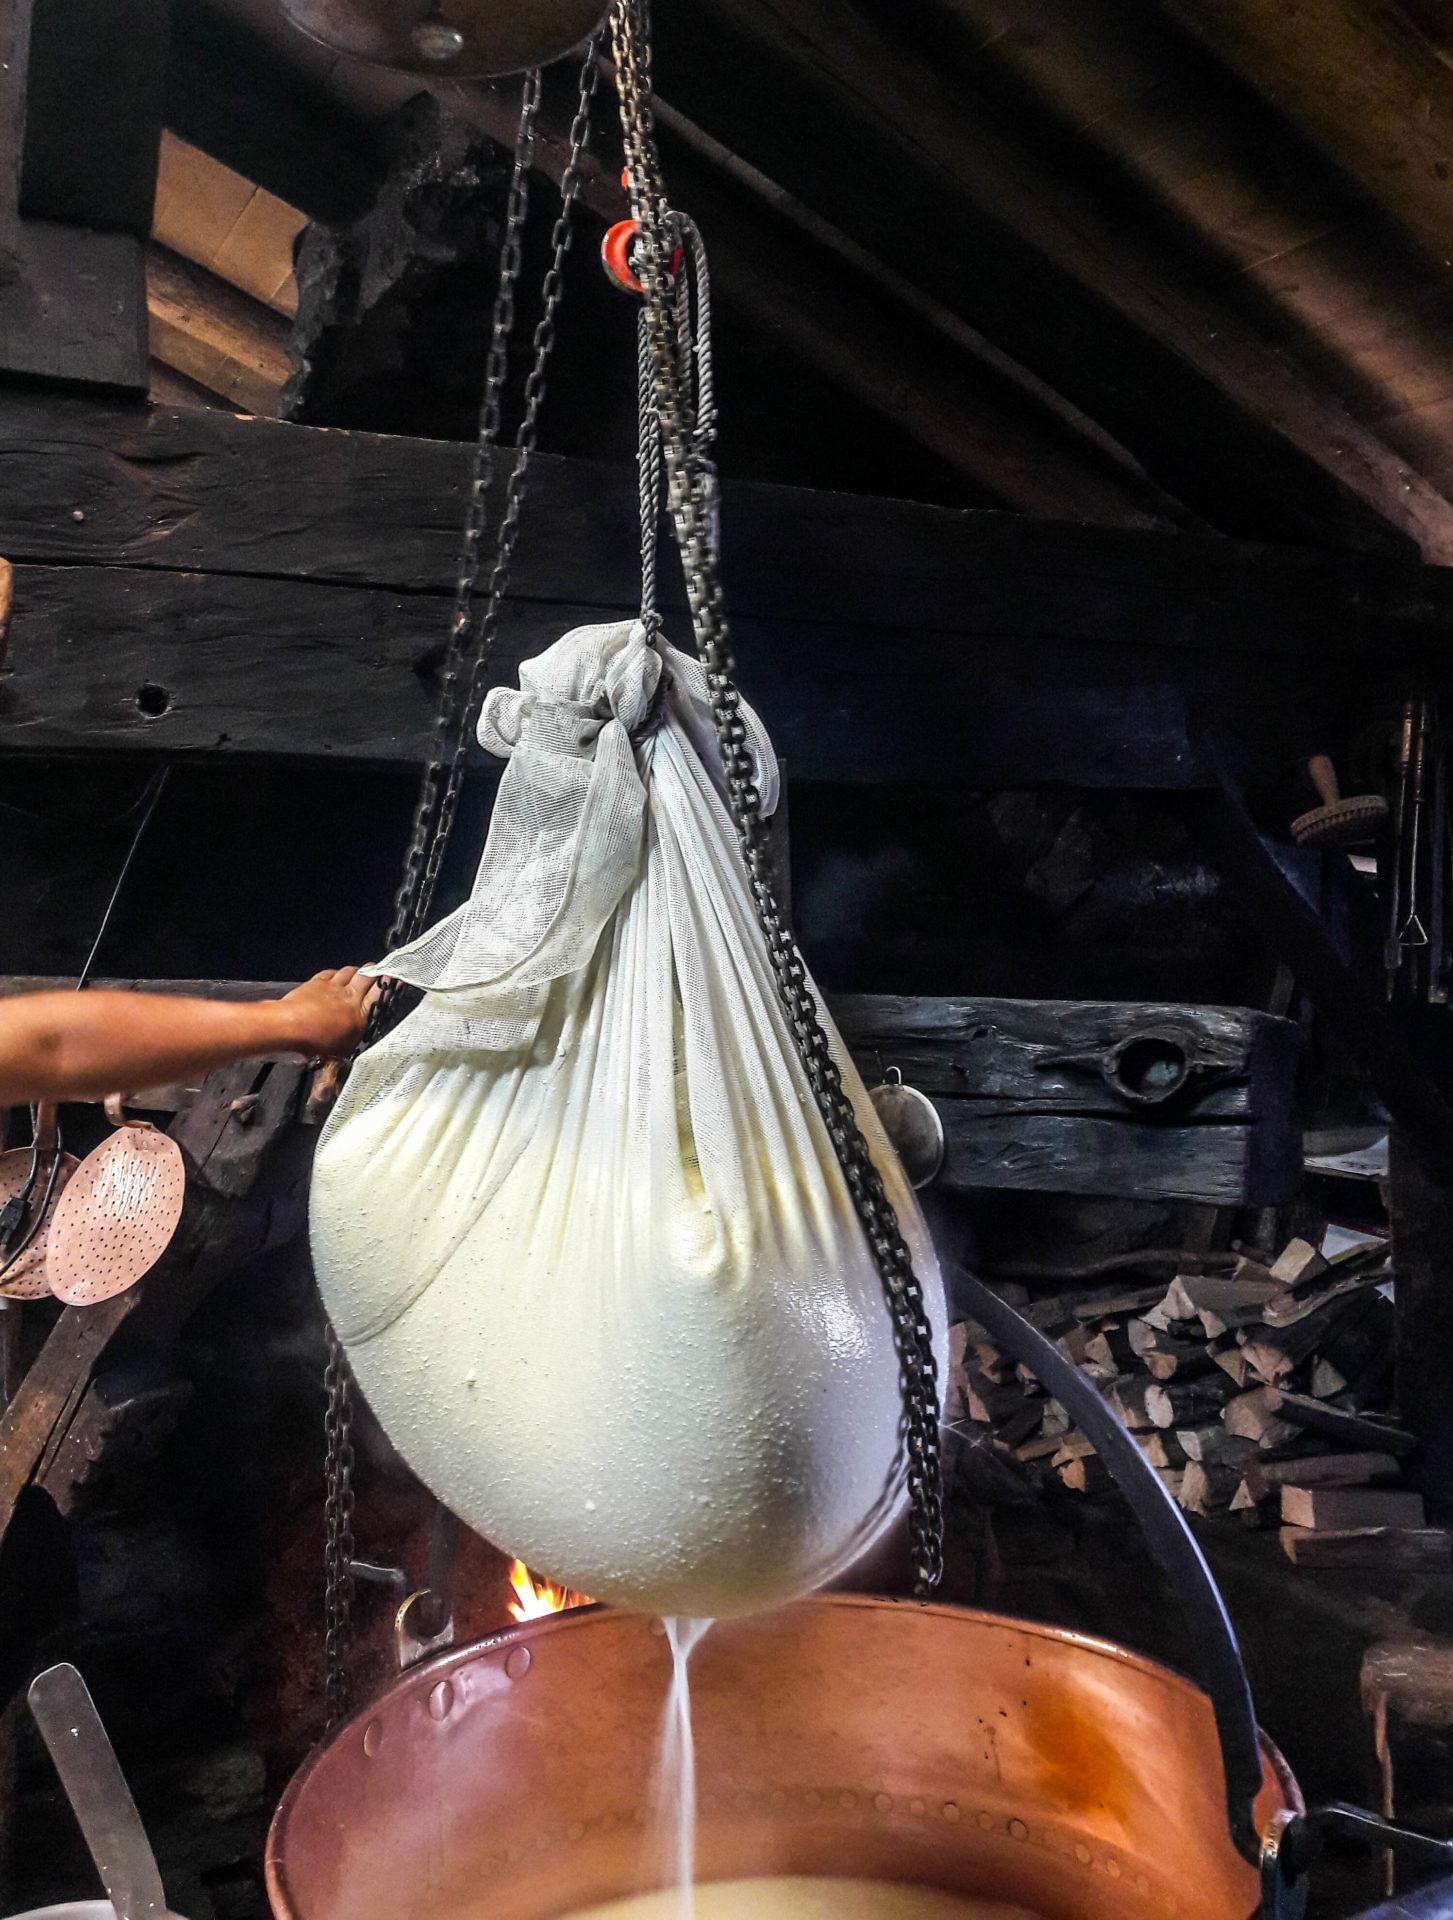 Fabrication traditionnelle de fromage à raclette à l'Alpage Lapisa à Champéry - Champéry: un séjour détente, nature et sport en Région Dents du Midi, au coeur du Valais dans les Alpes Suisses